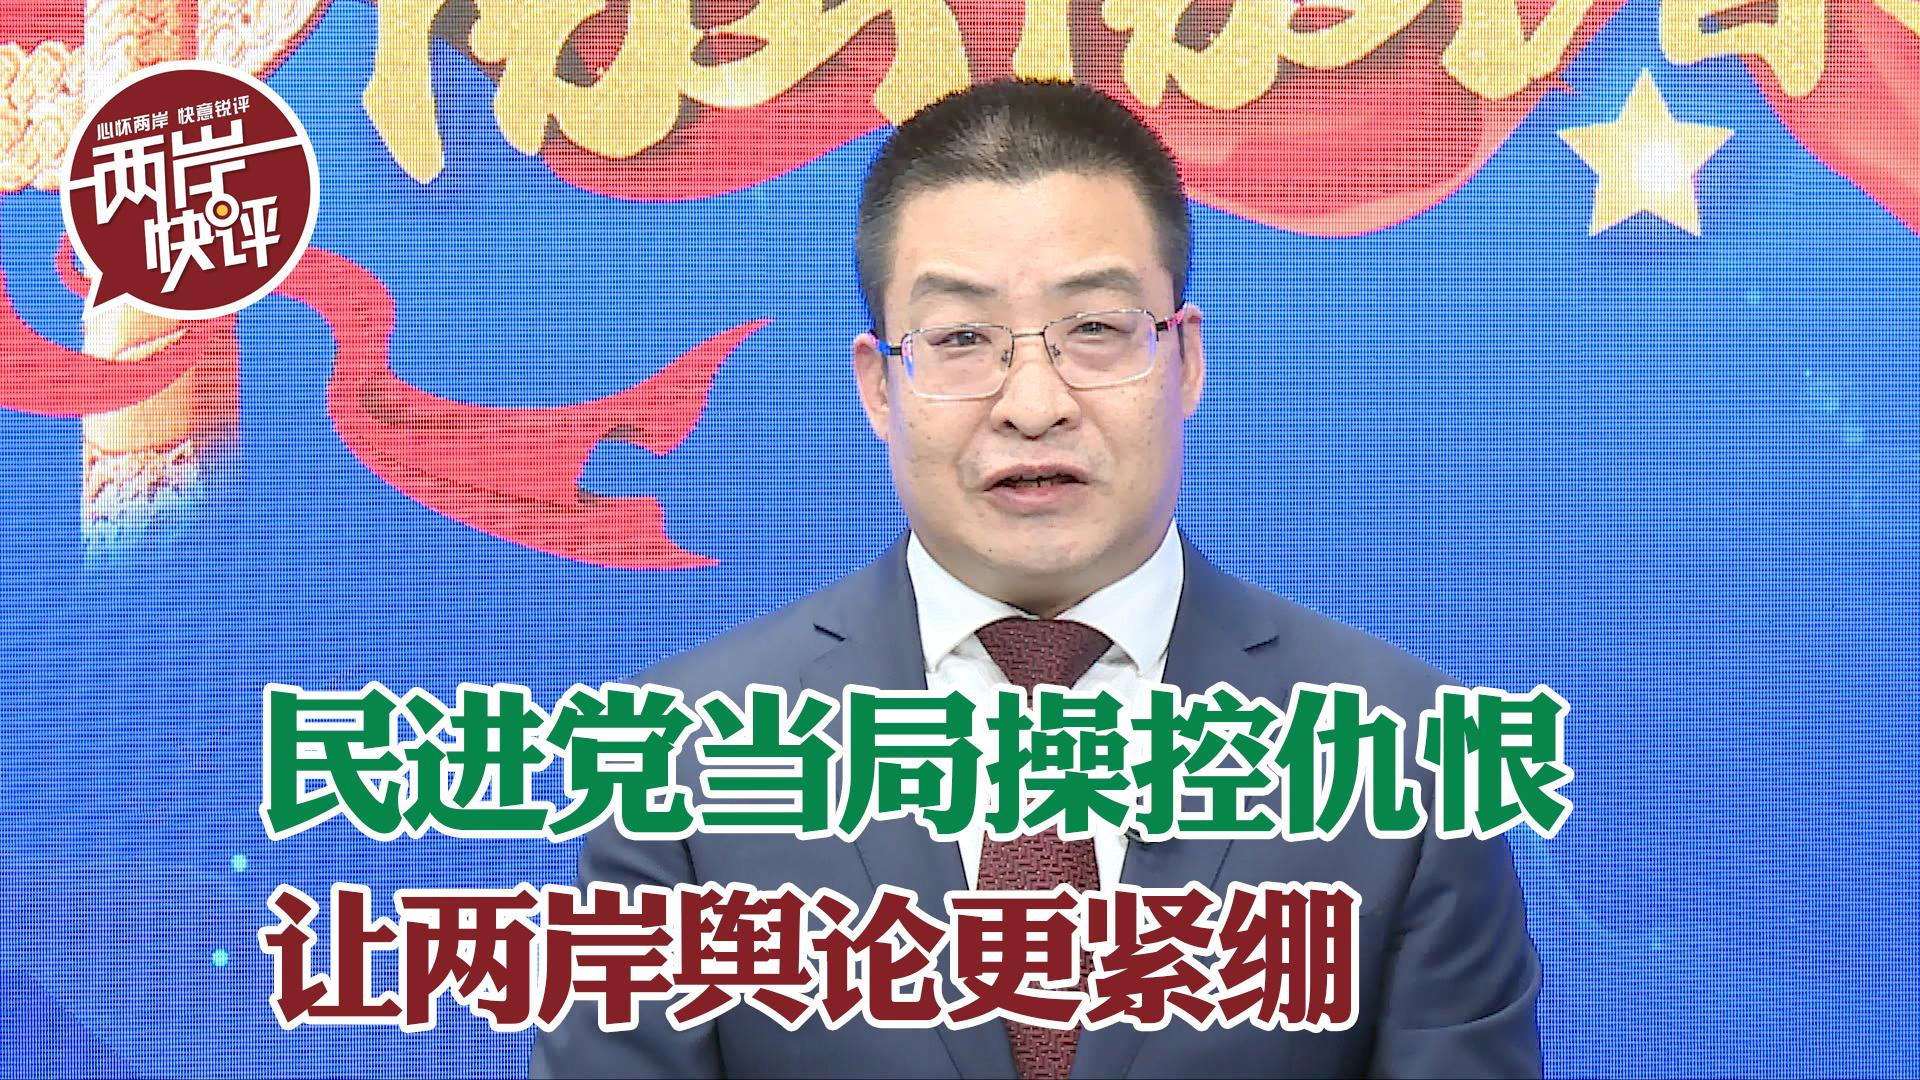 """【融融看两会】疫情让岛内更""""民粹""""?专家:民进党操控仇恨,让两岸舆论更紧绷图片"""